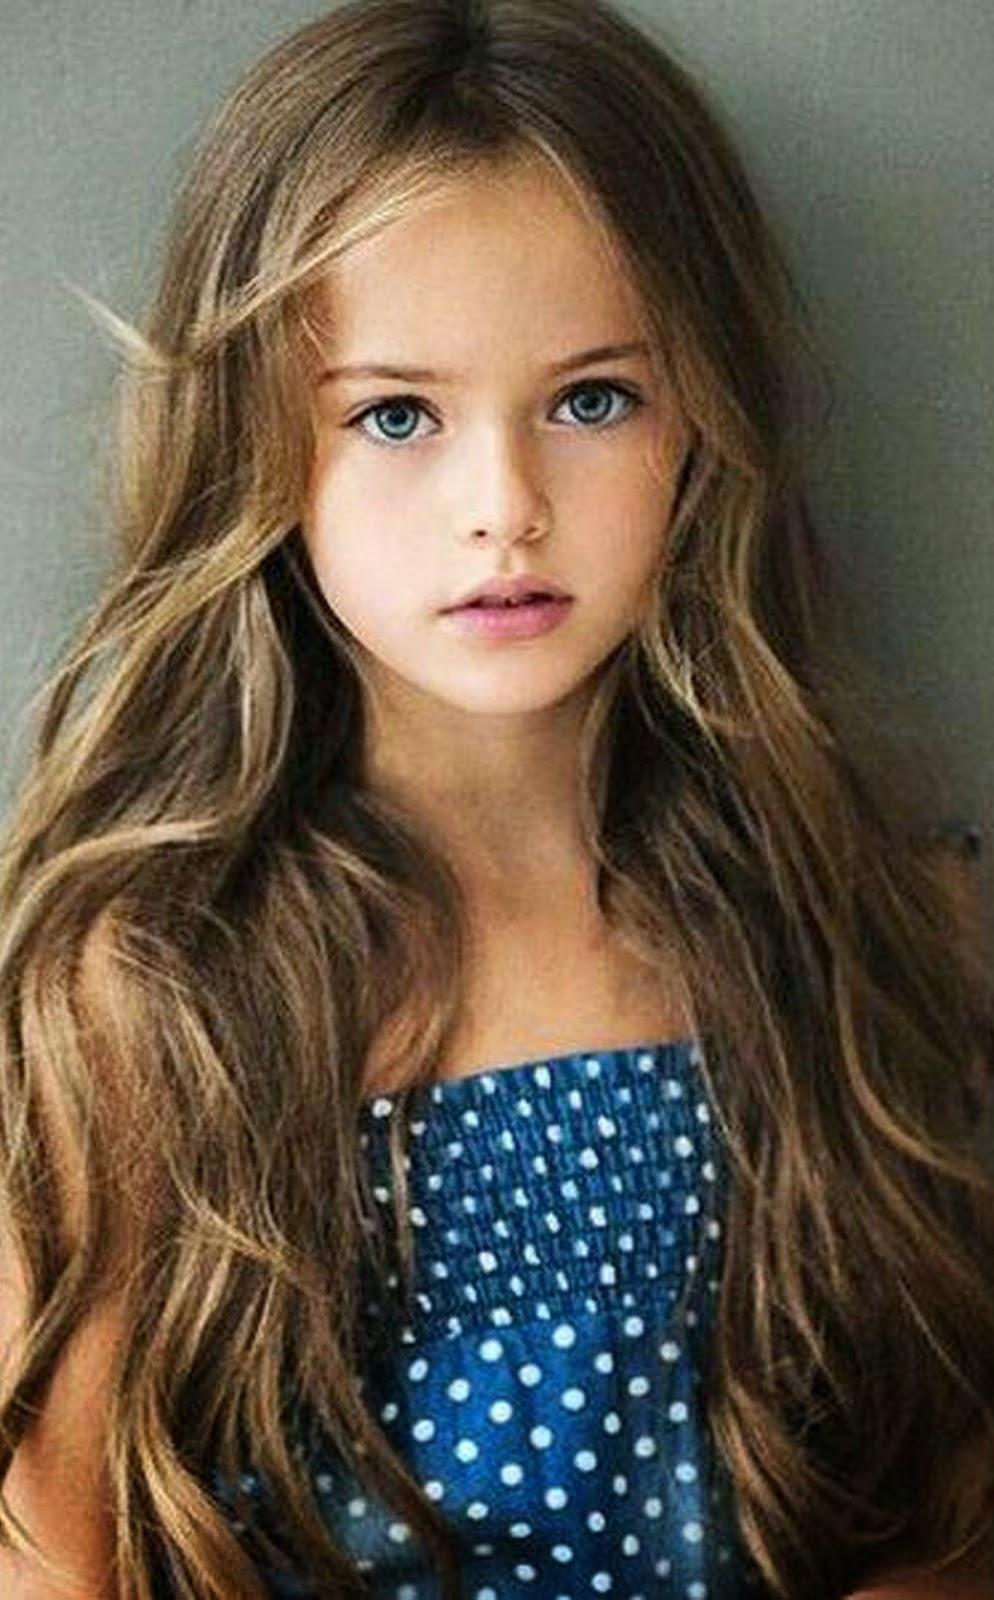 Самые красивые голые девочки в мире 11 фотография